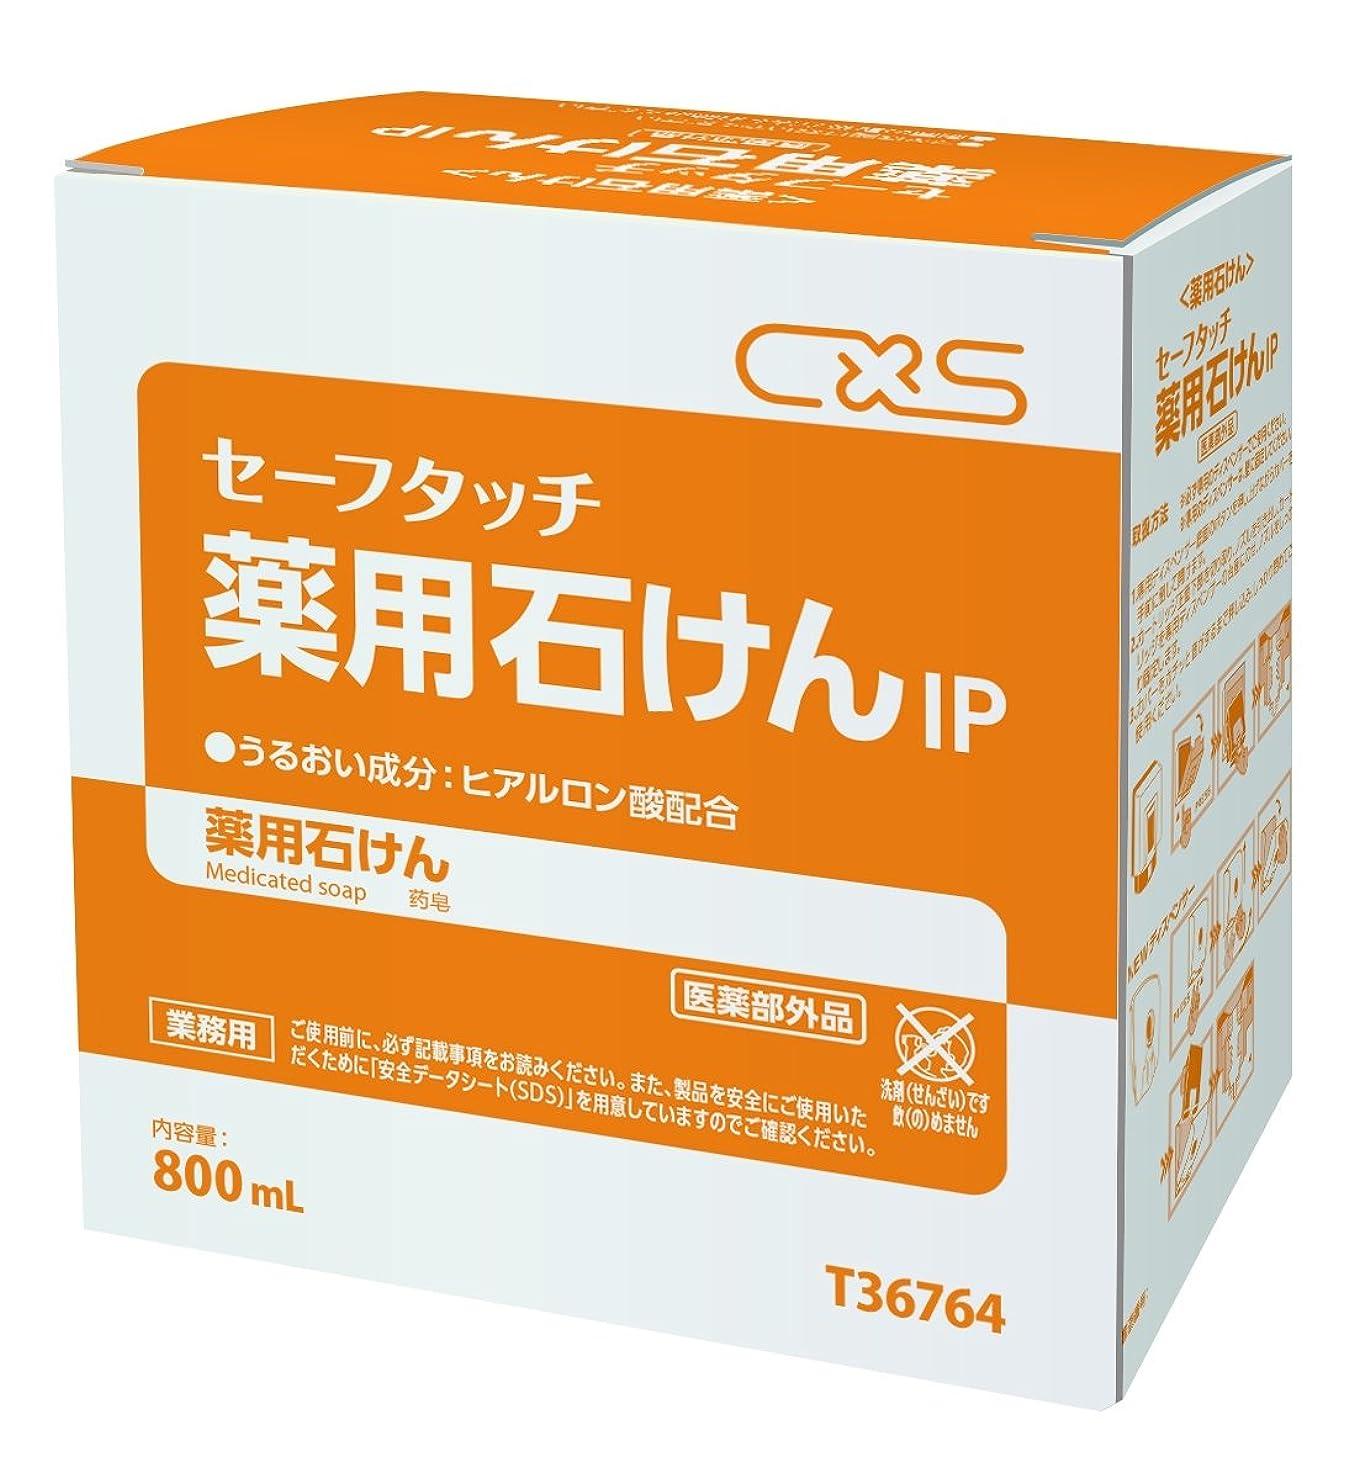 排除するすり減るフォーラムセーフタッチ 薬用石けんIP 6箱セット